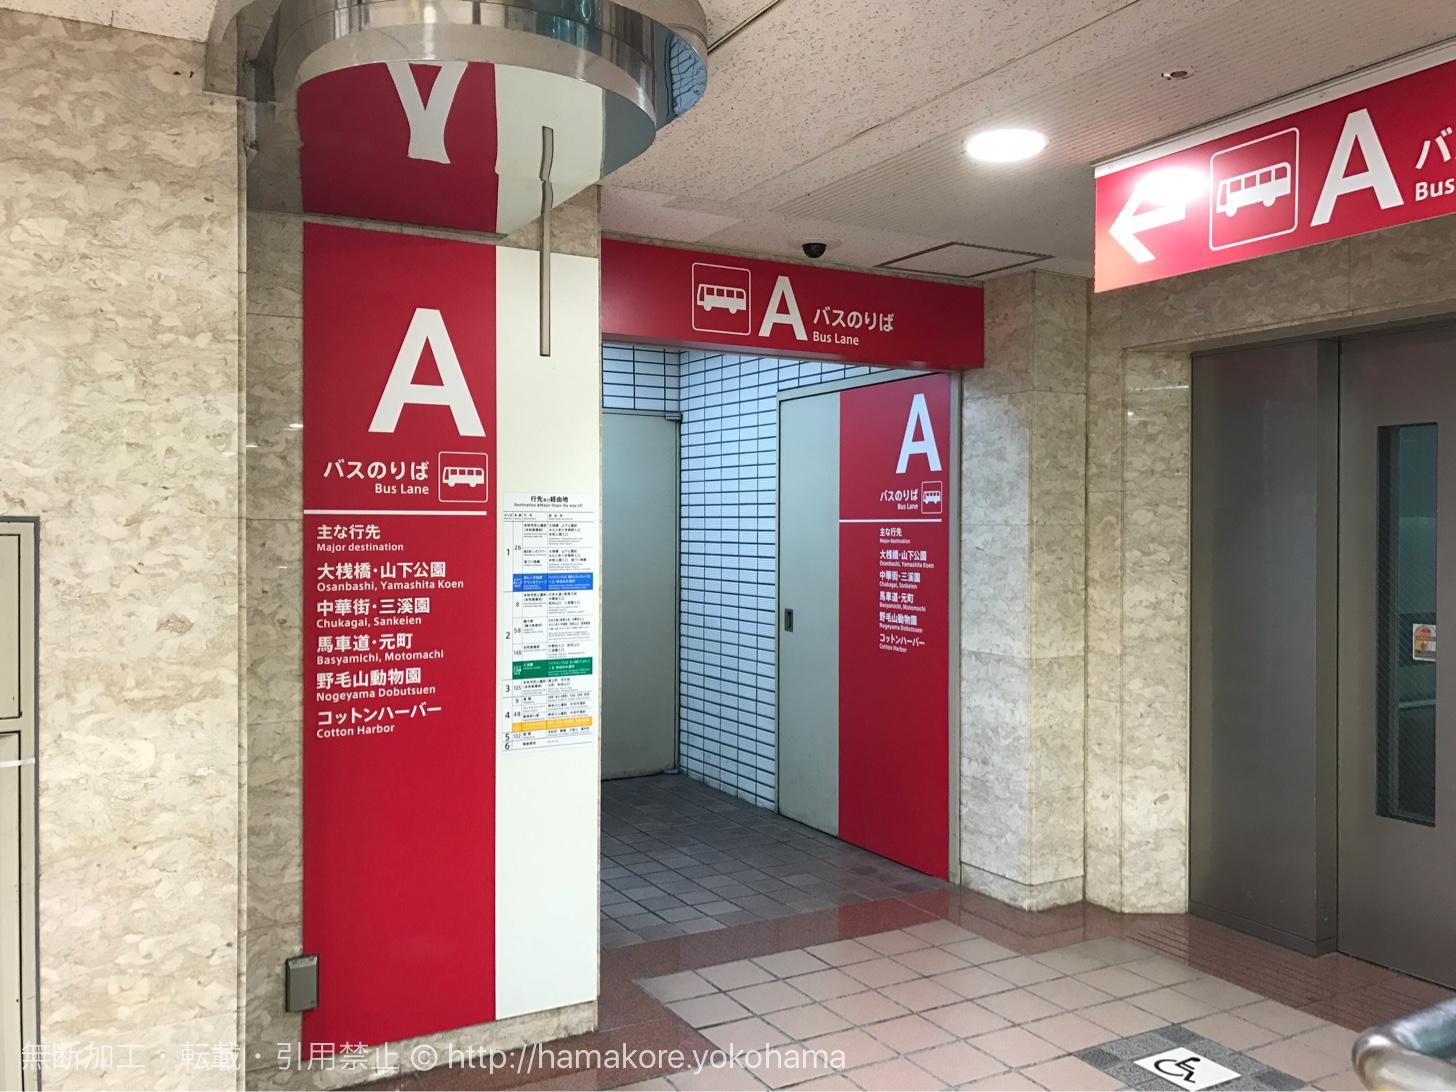 横浜駅東口「ぶらり観光SAN路線」のバス乗り場はA!道順を写真付きで解説